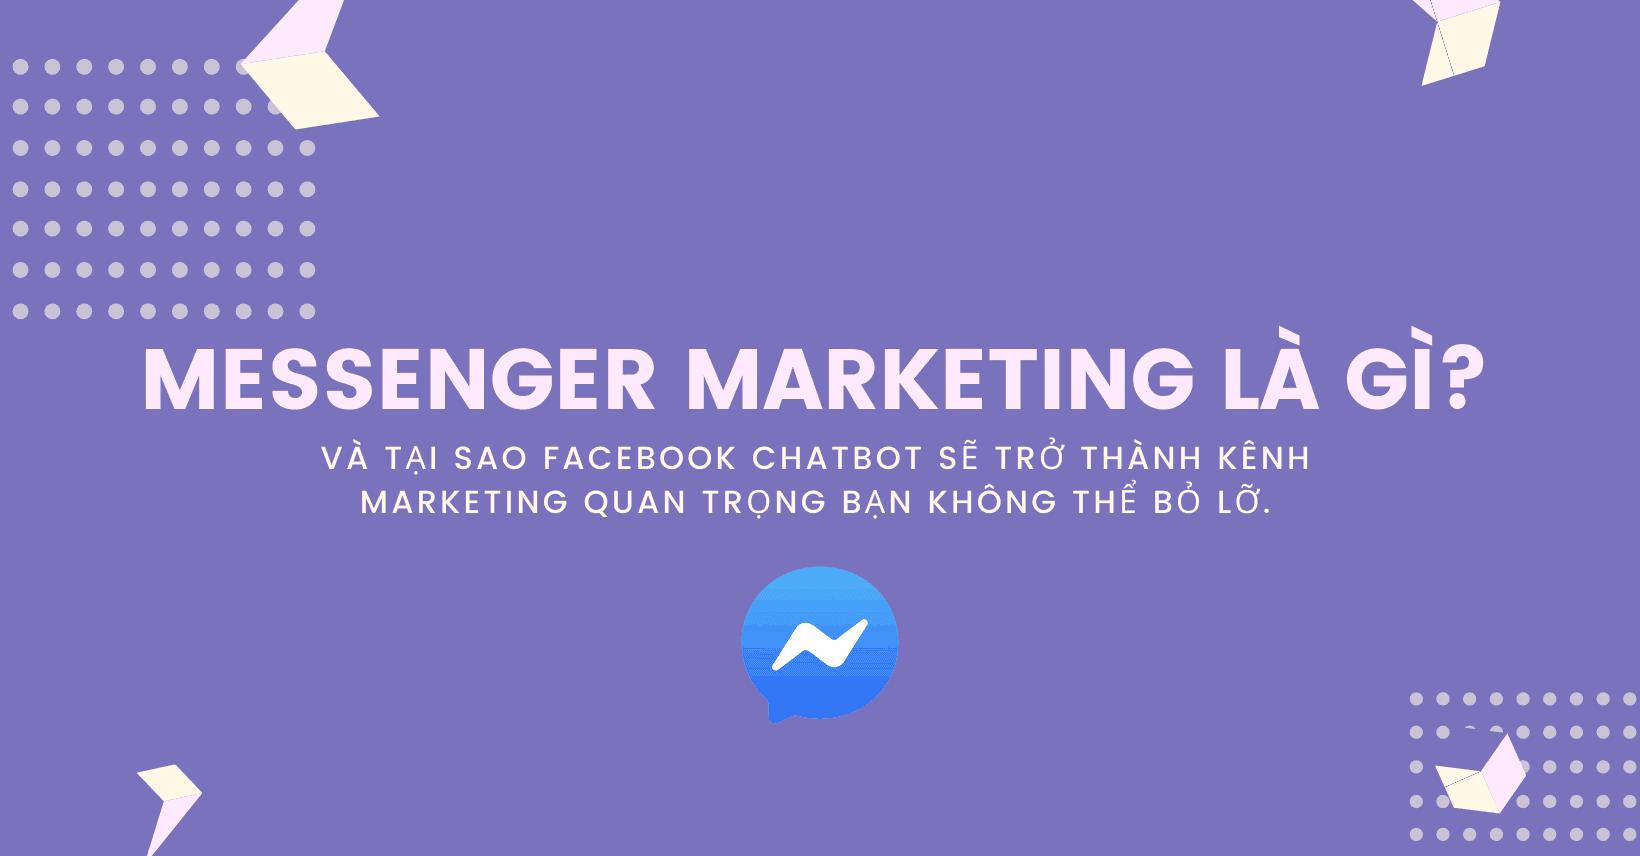 Messenger Marketing là gì và tại sao bạn không thể bỏ lỡ